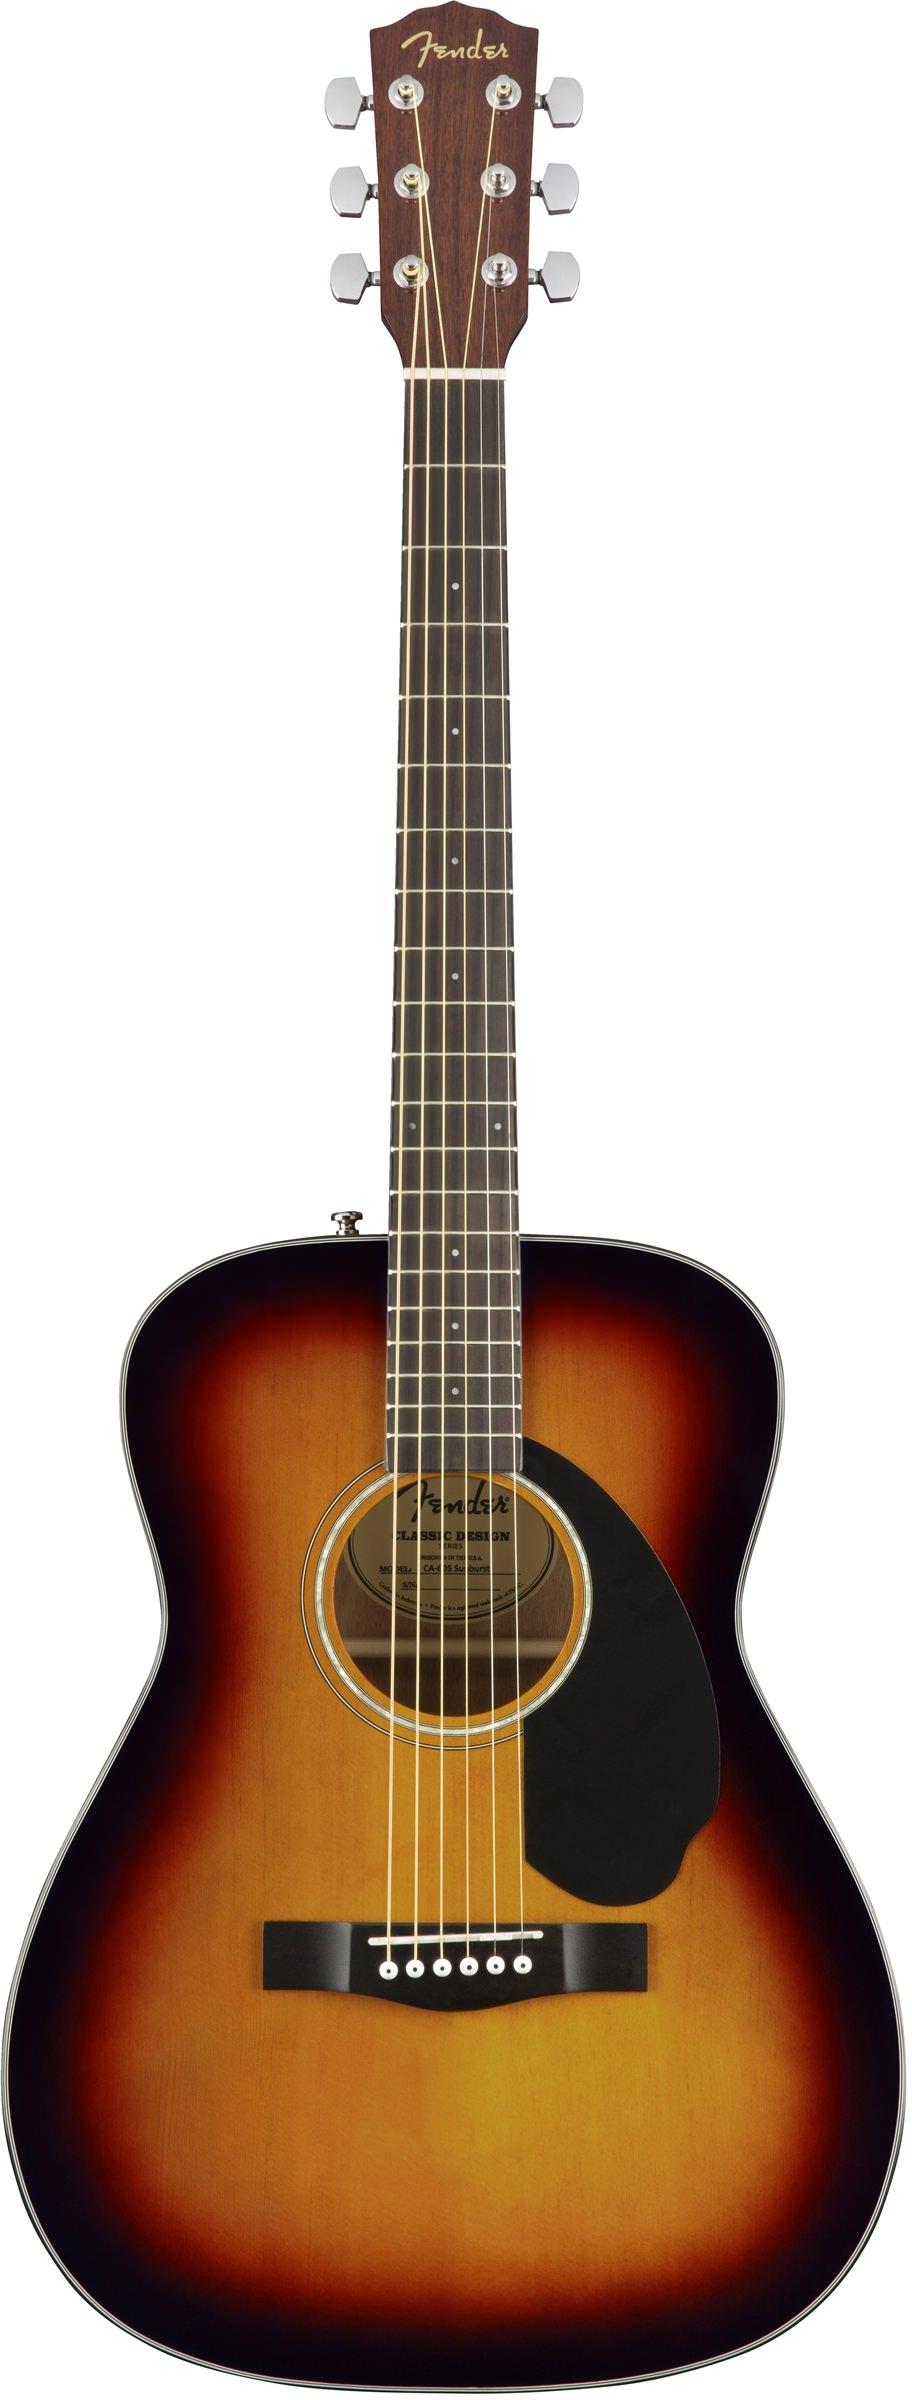 Акустическая гитара Fender CC-60S Concert Sunburst WN